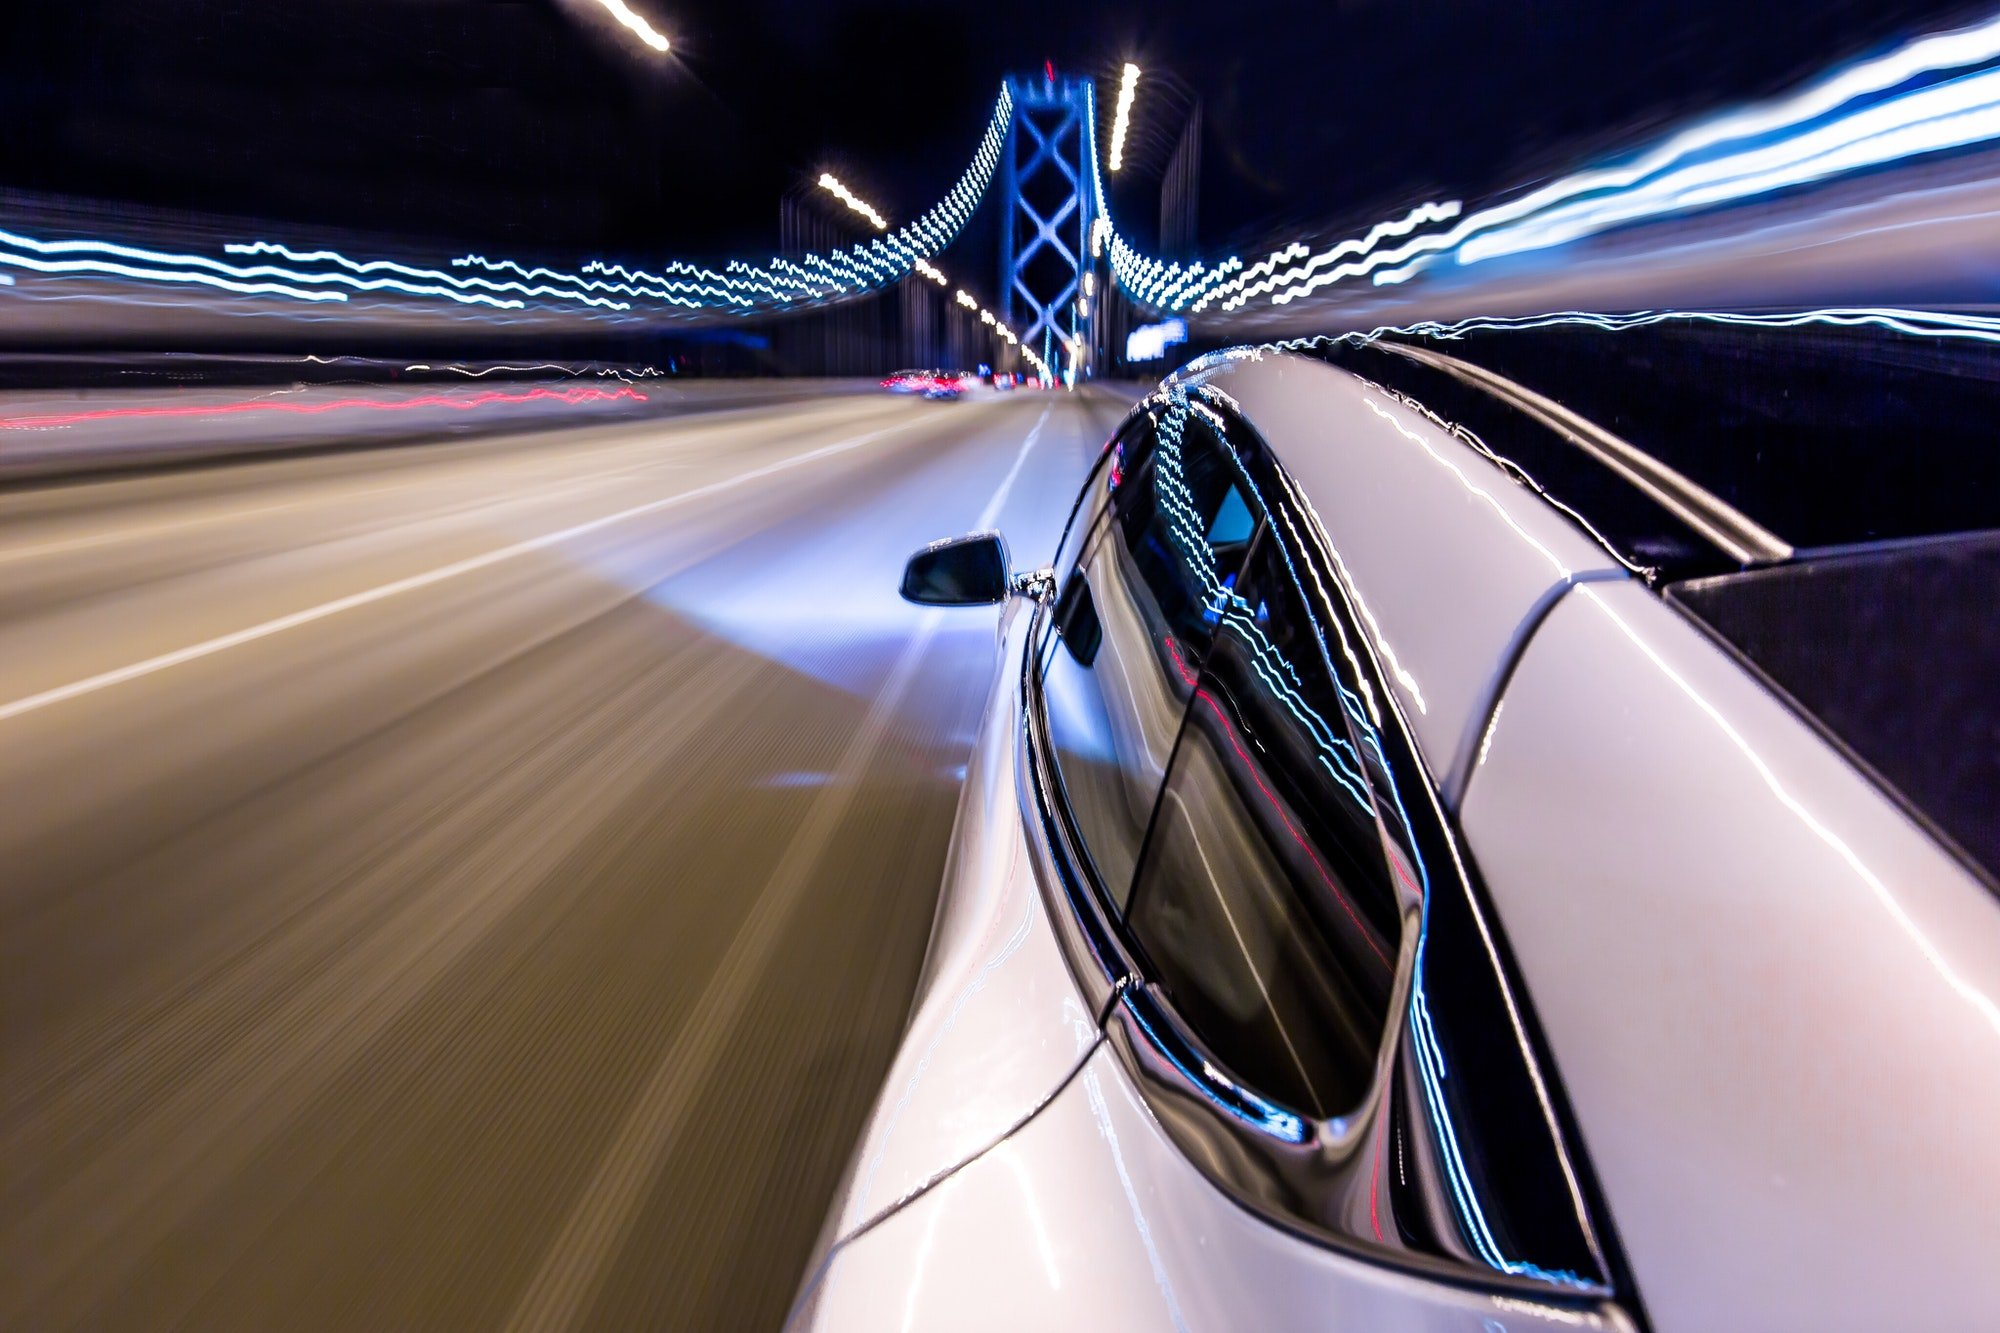 Driving a Tesla over the San Francisco Bay Bridge